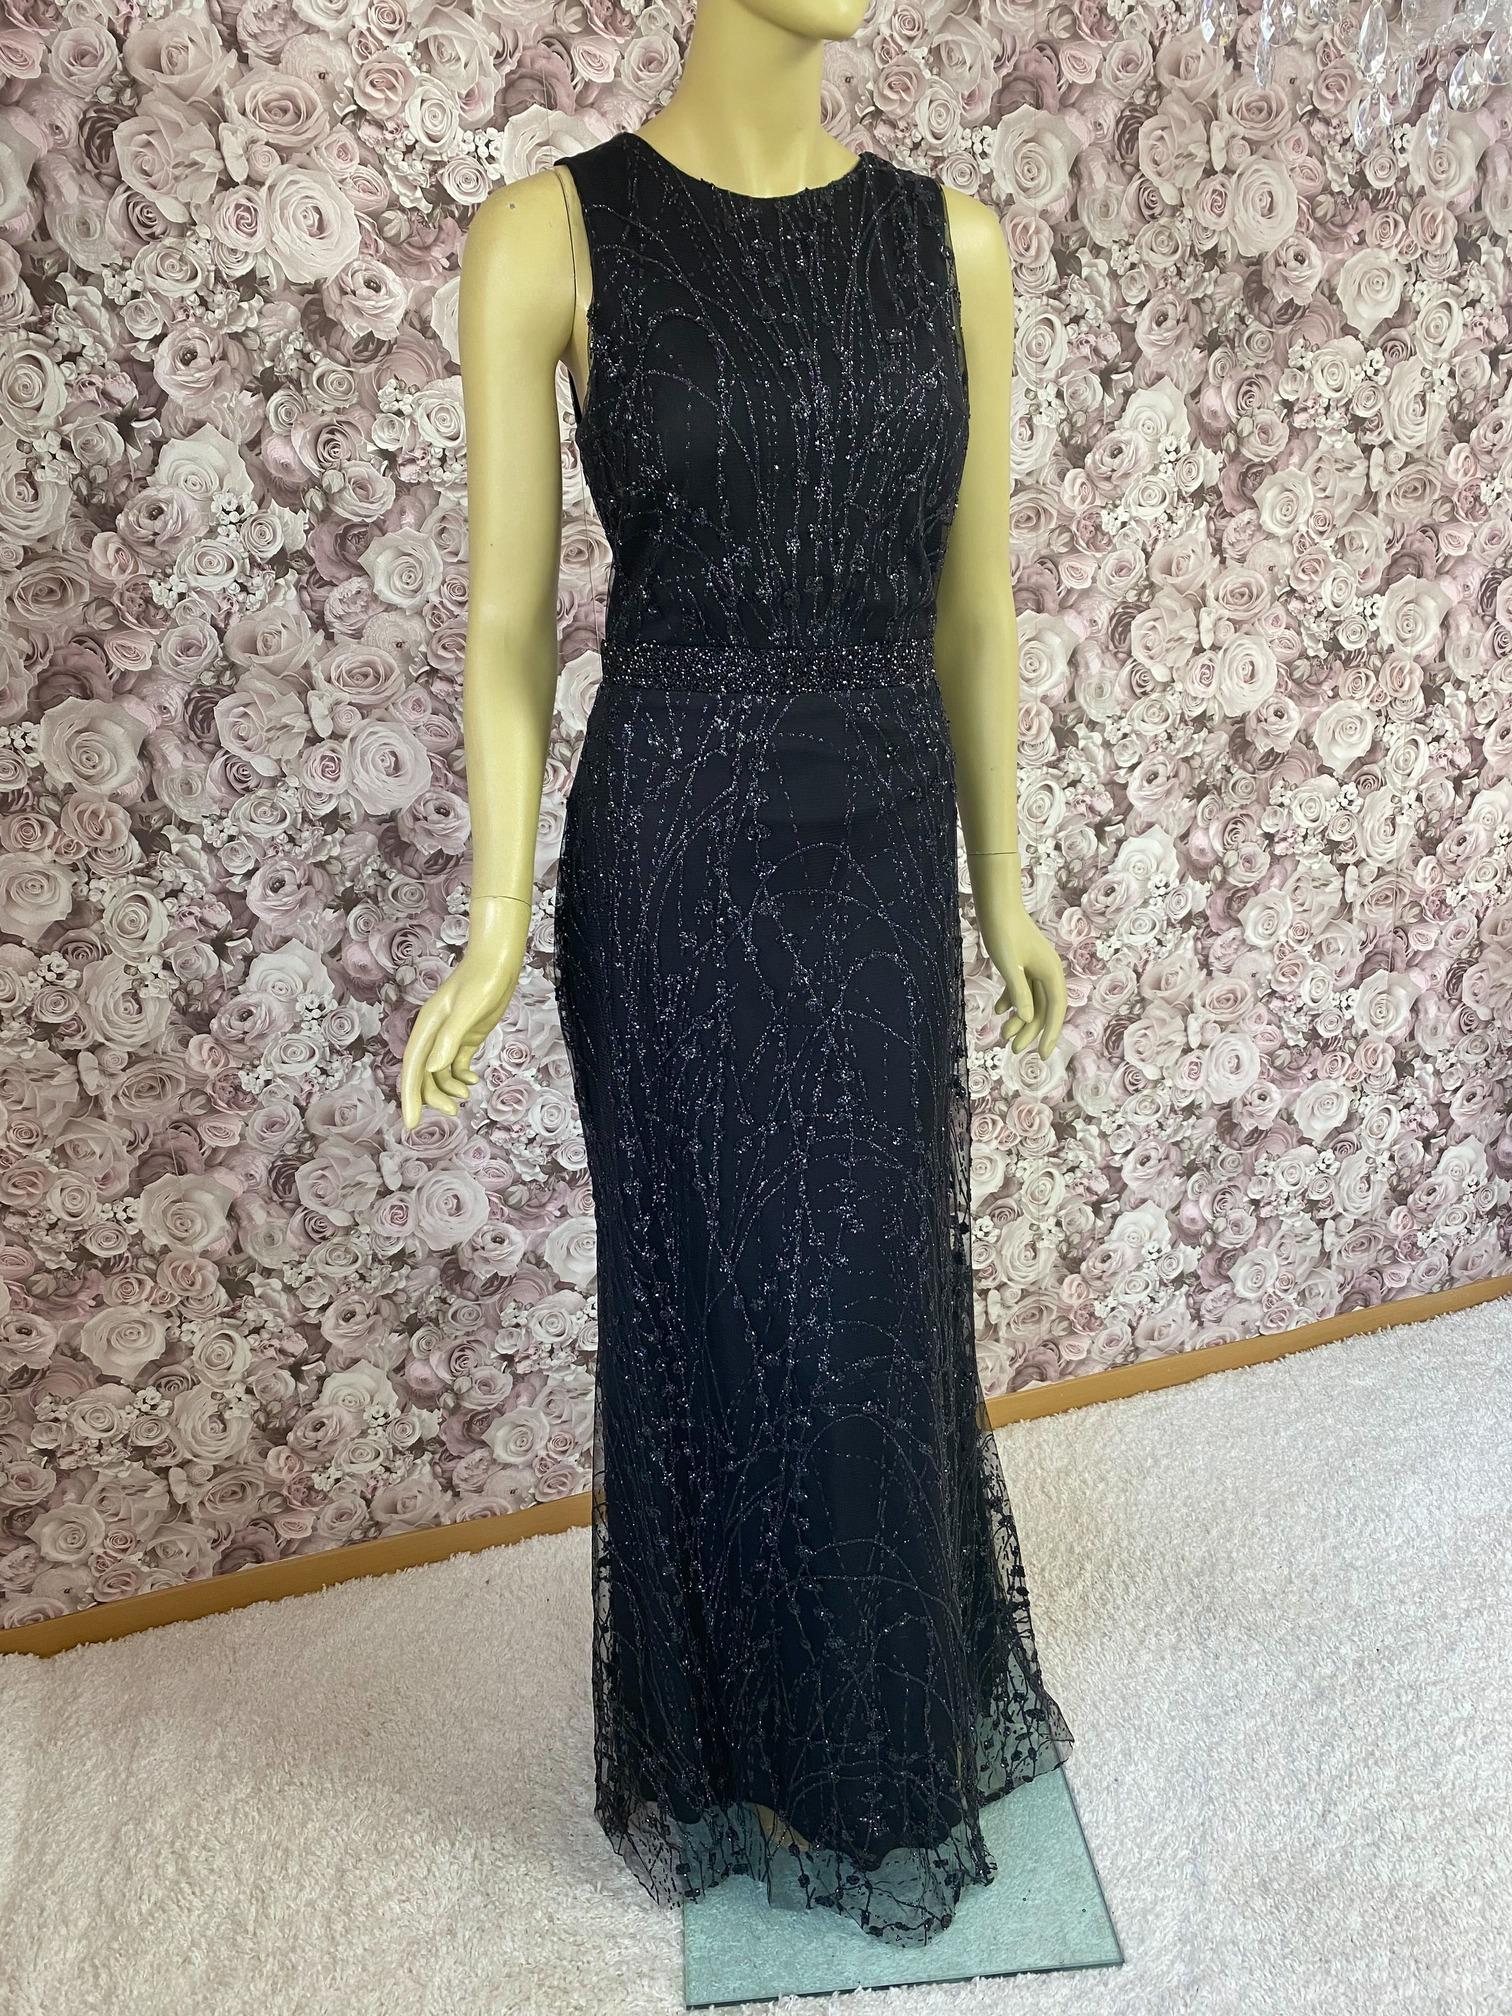 Langes Abendkleid ❤ Festliches Kleid❤ Schwarzes Abendkleid ❤